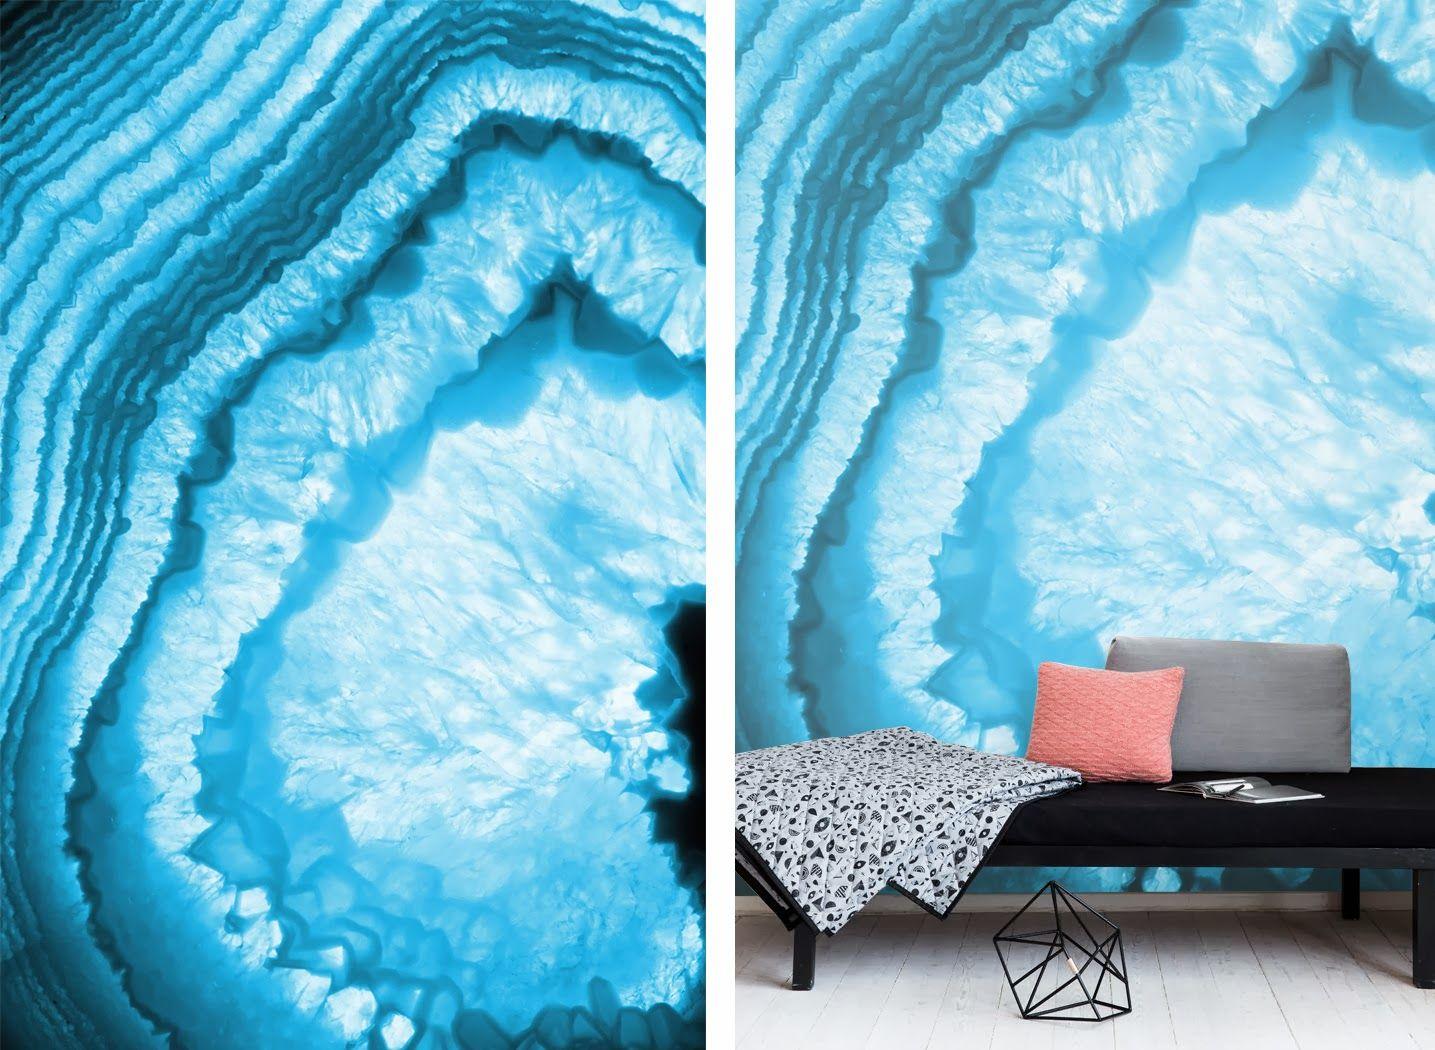 Blue Agate Wall Mural Pixers Design 2 Decor Interior